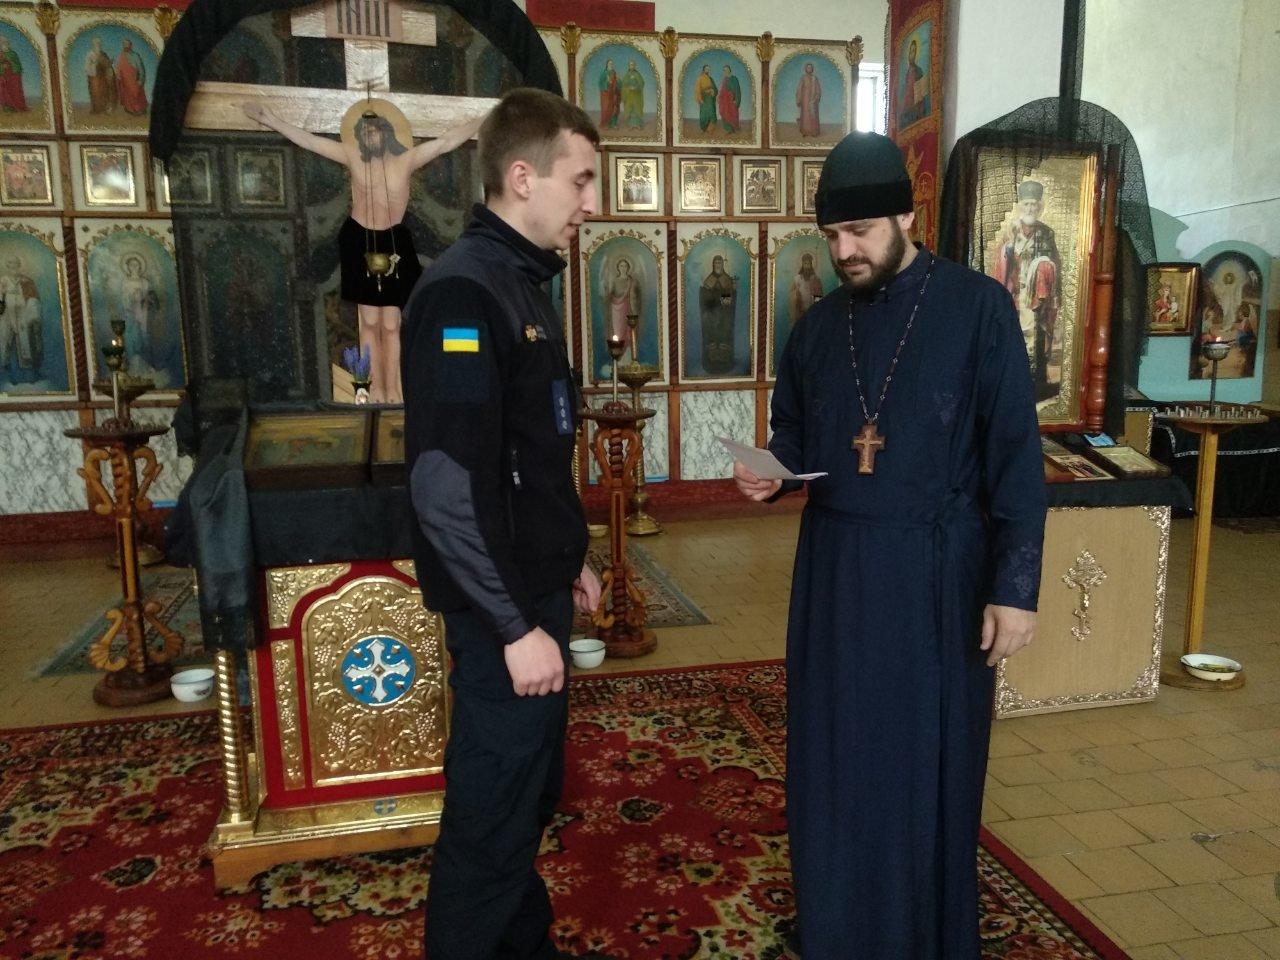 Спасатели Каменского проверили храмы и пообщались со священнослужителями, фото-2